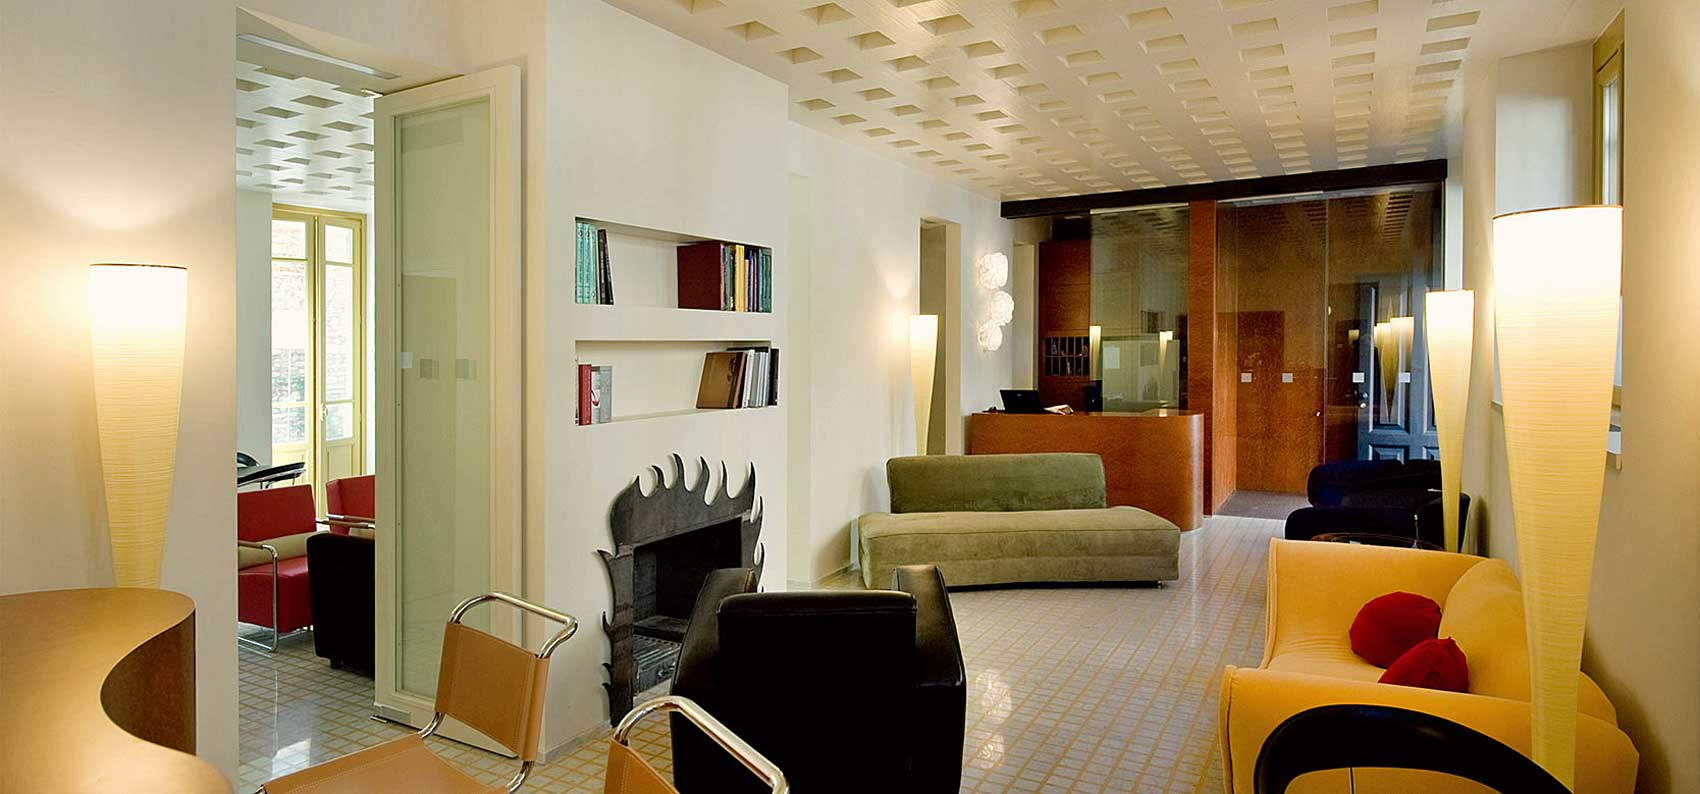 Petronilla hotel bergamo italie boutique h tel bergame for Charme design boutique hotel favignana